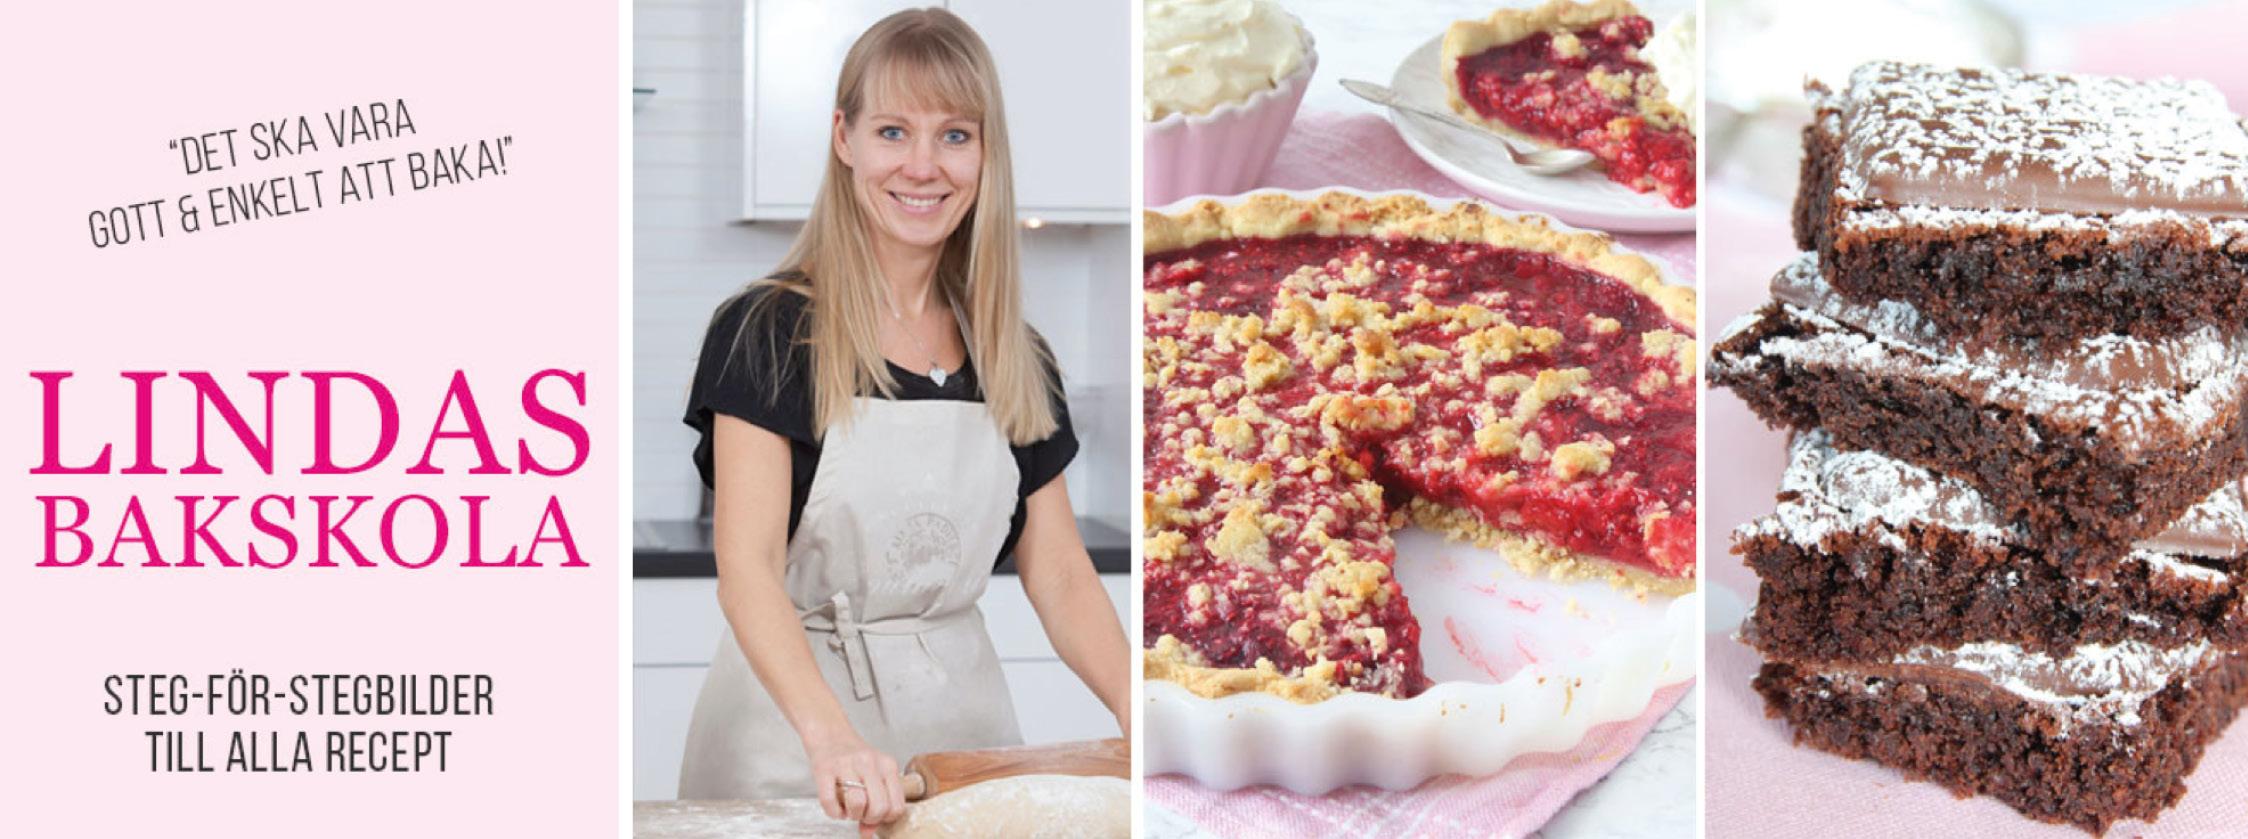 Logga för Lindas Bakskola och Matskola med tre bilder där en leende Linda Andersson står i ett kök och kavlar en deg på ett mjöligt bord samt bild på en paj och fyra chokladkakor